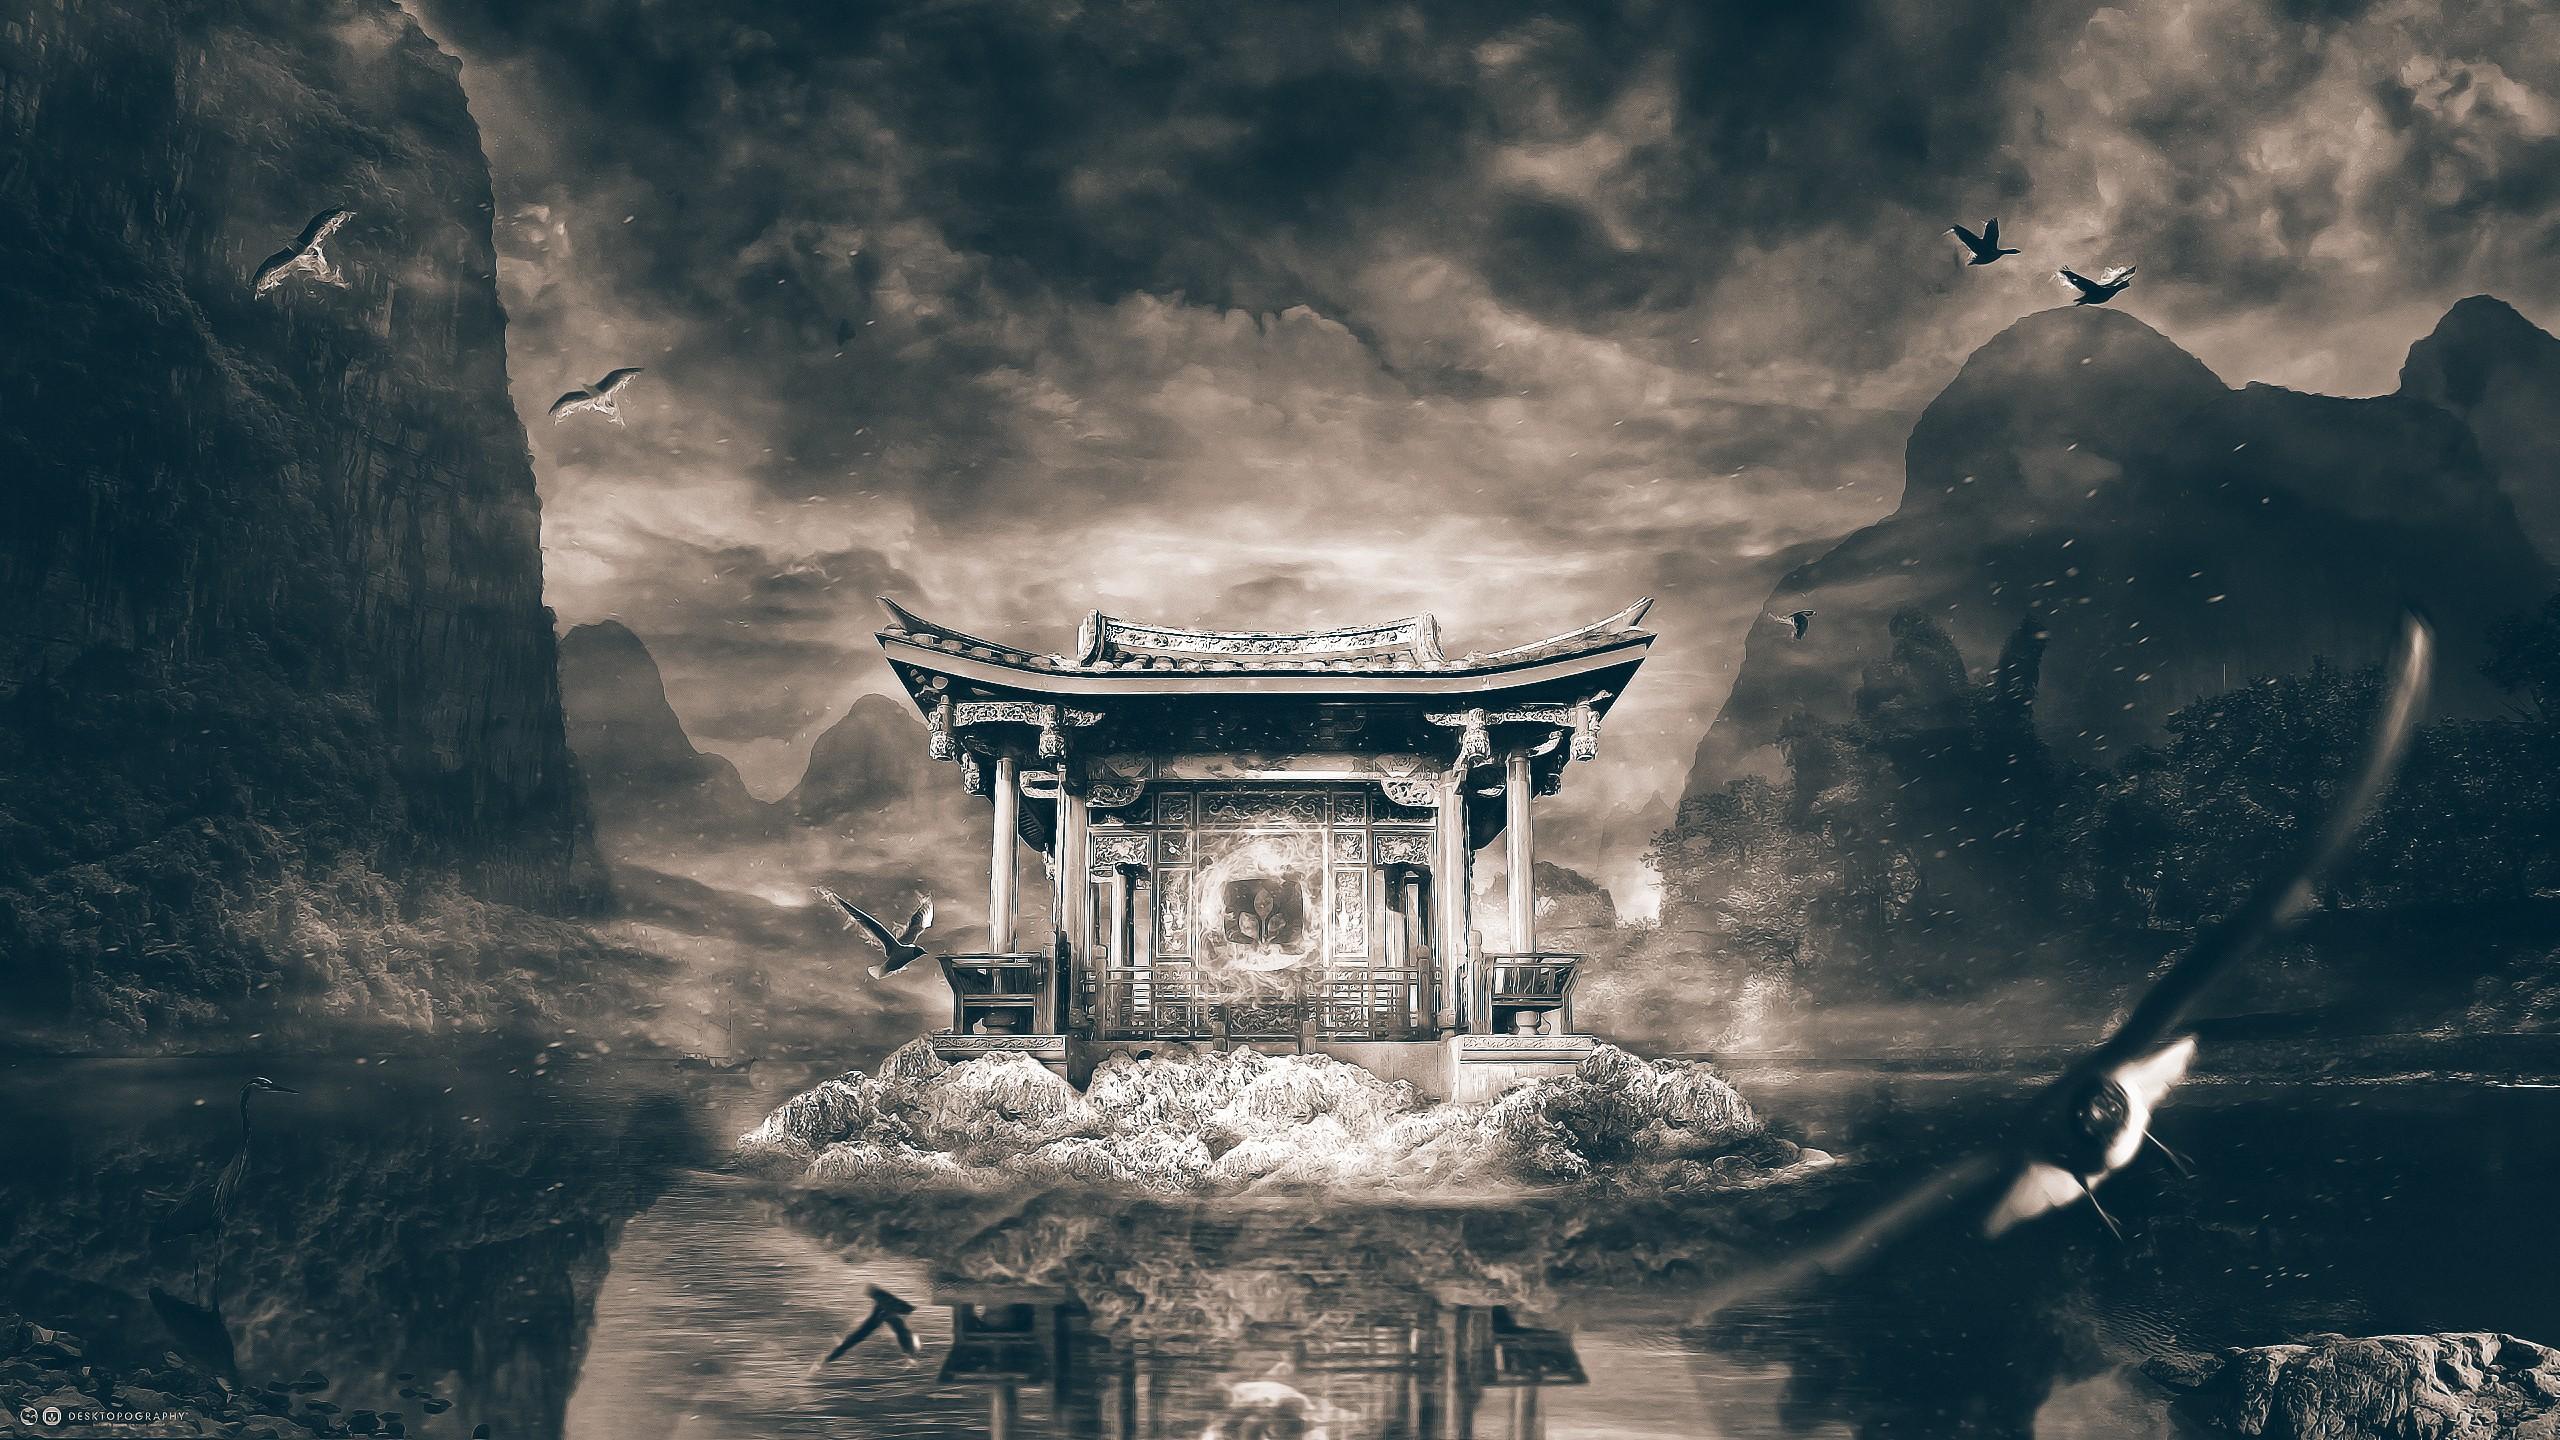 Shrine Temple Art Wallpaper 2560x1440 10980